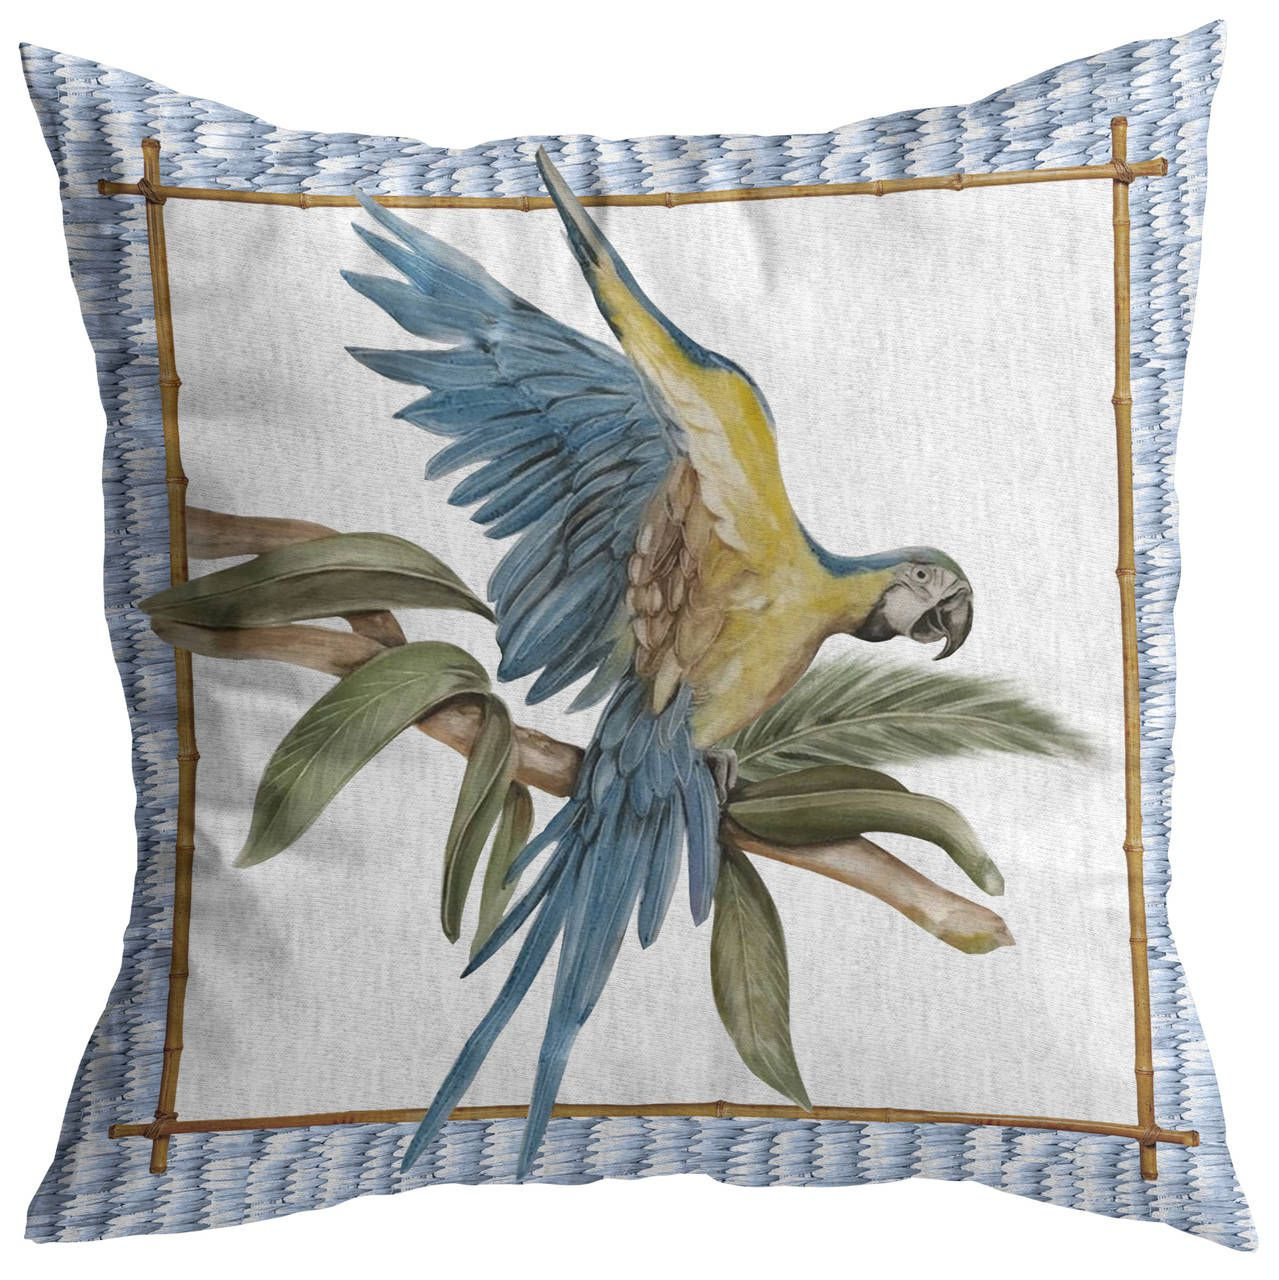 Almofada Tropical Birds Arara Cód.: 4363 - MB